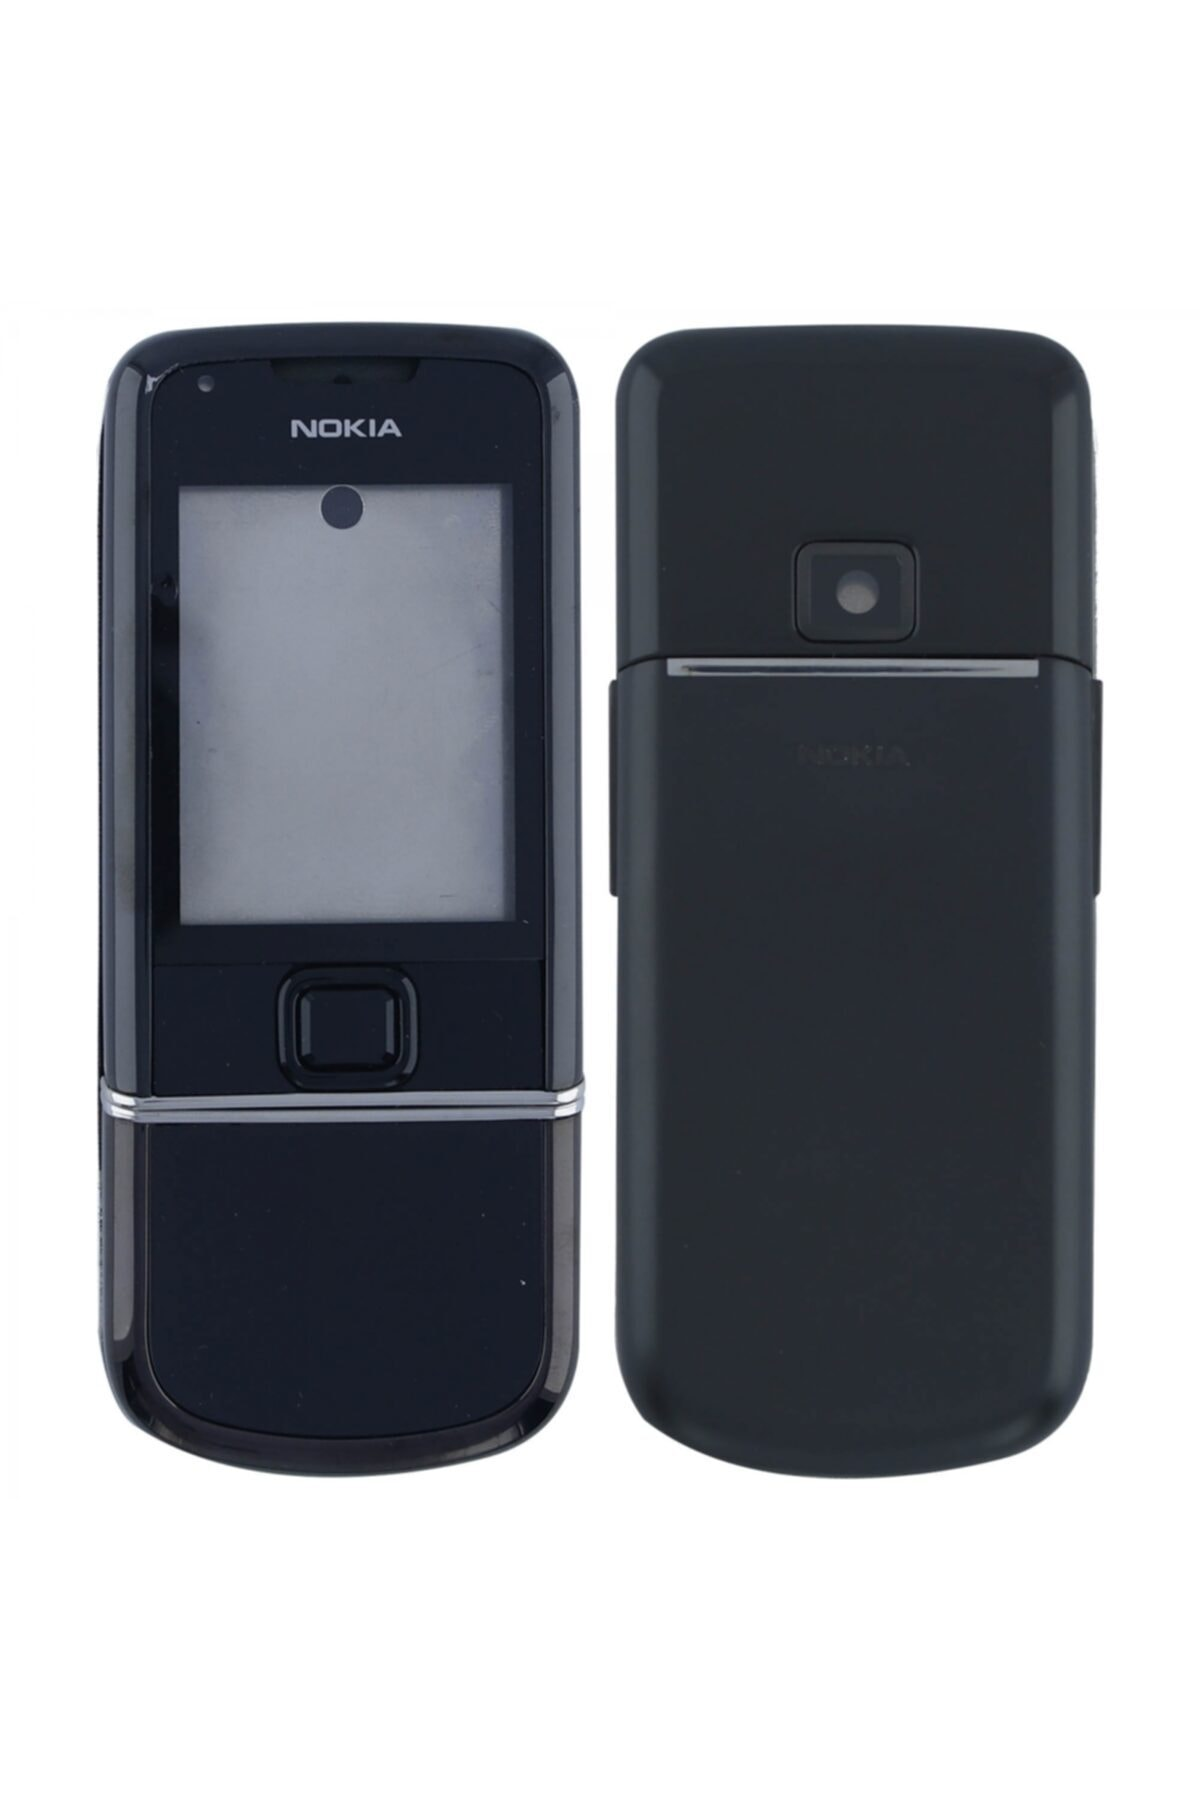 Nokia 8800 Arte Için Kasa - Siyah 1